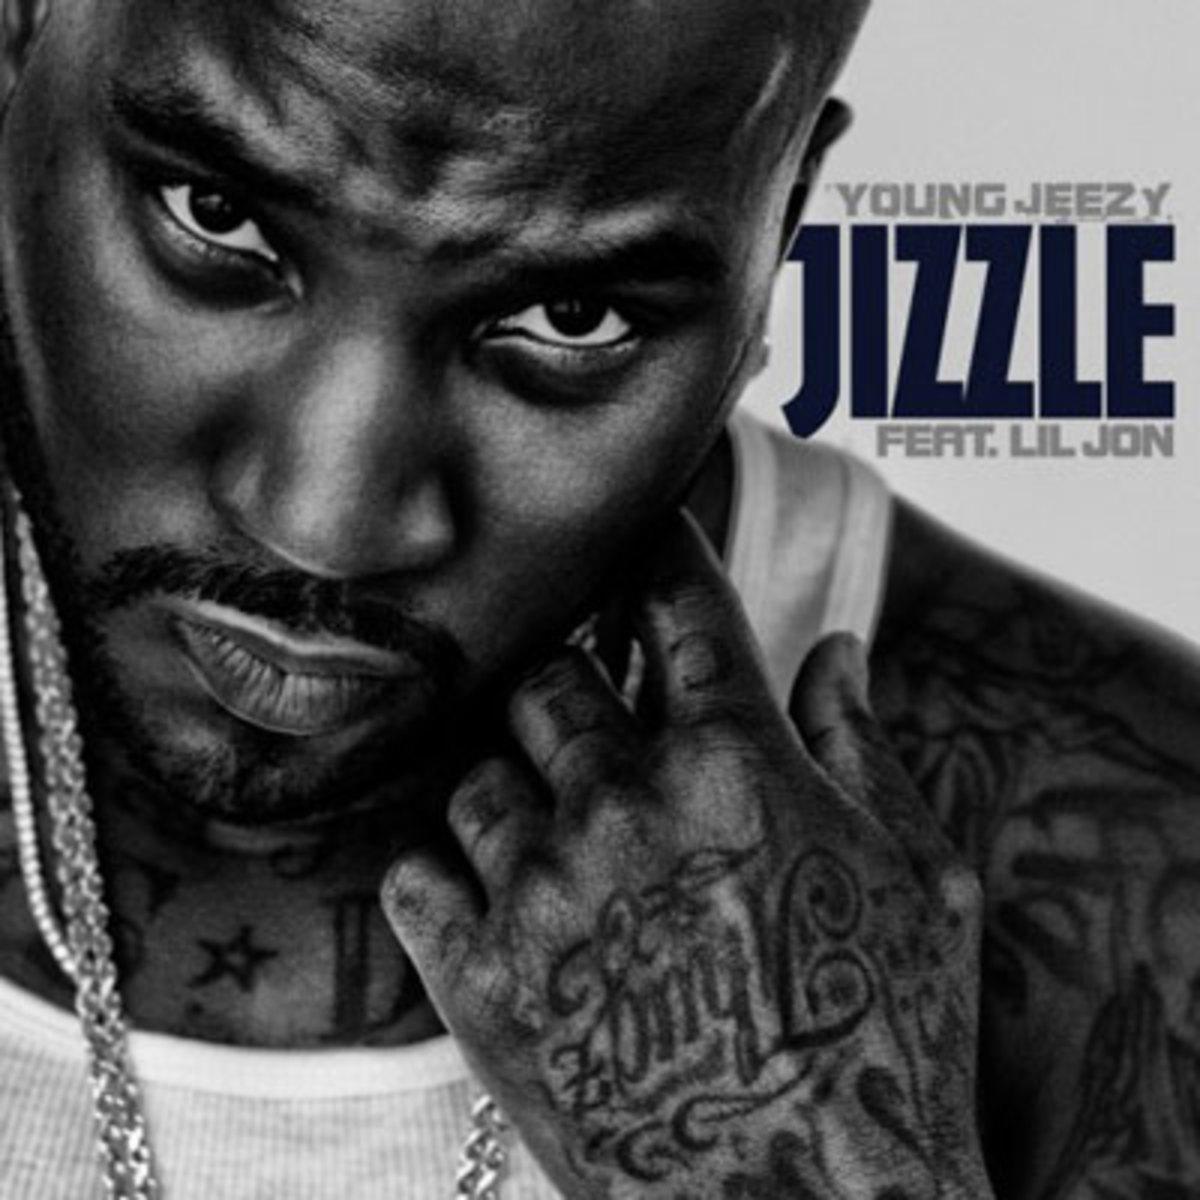 jeezy-jizzle.jpg